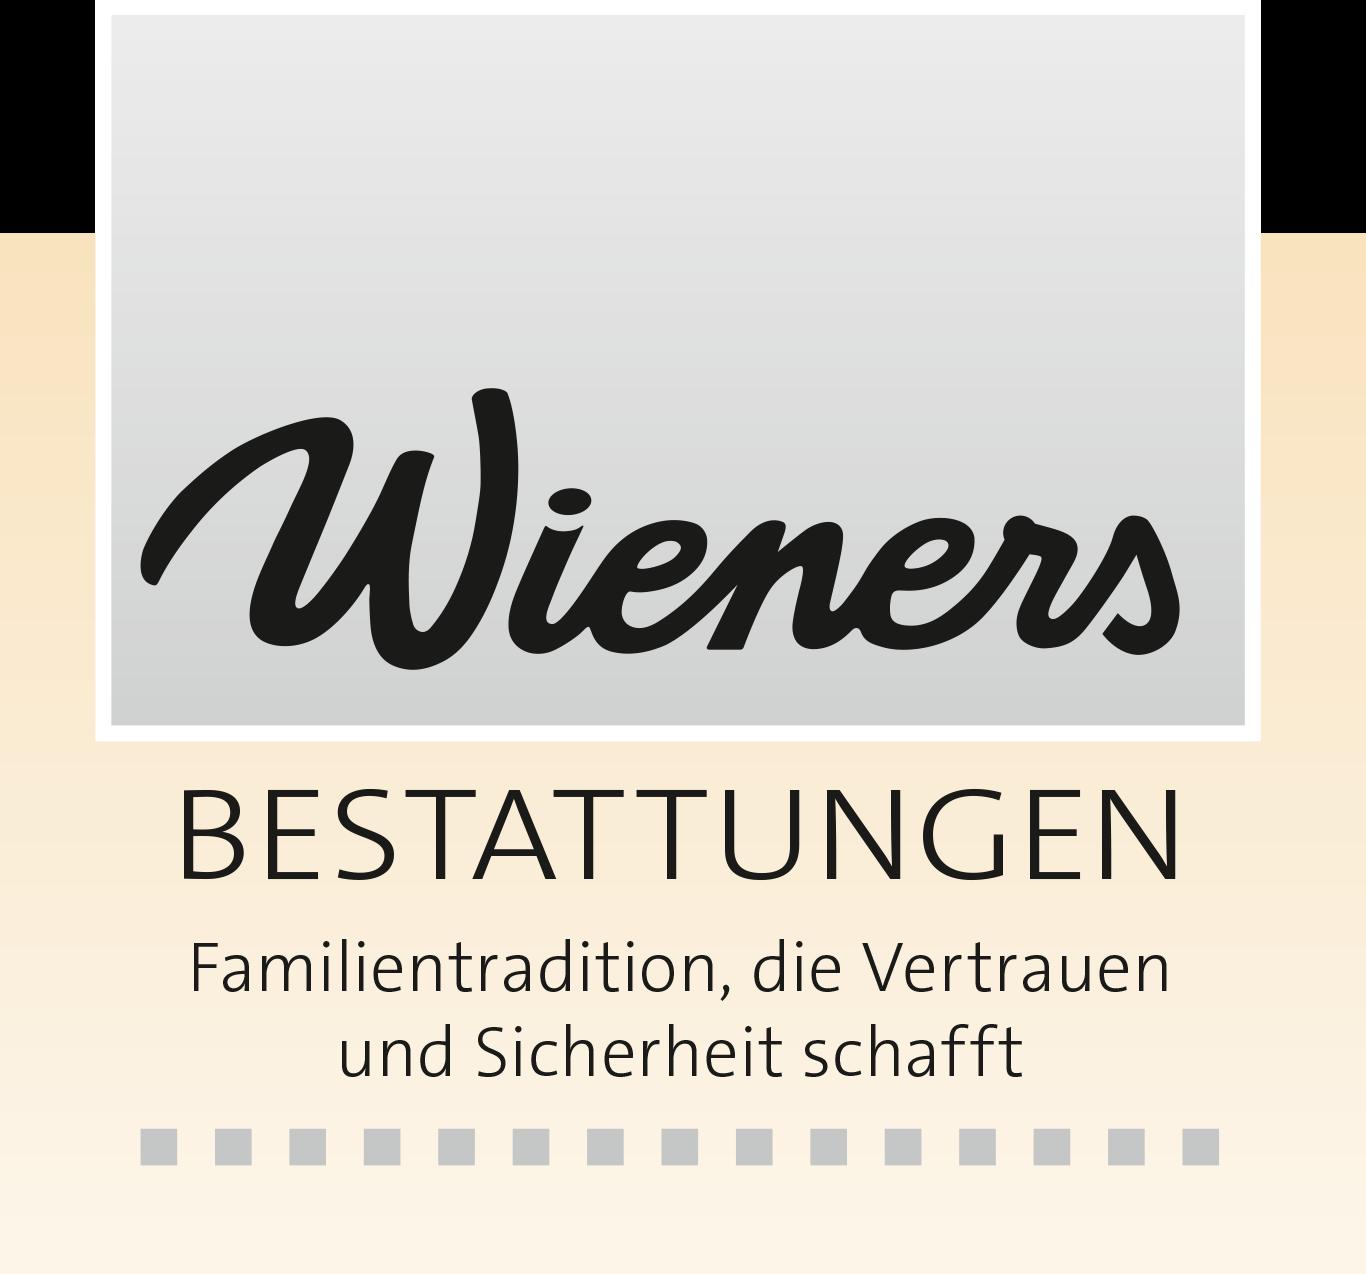 wieners web logo 1